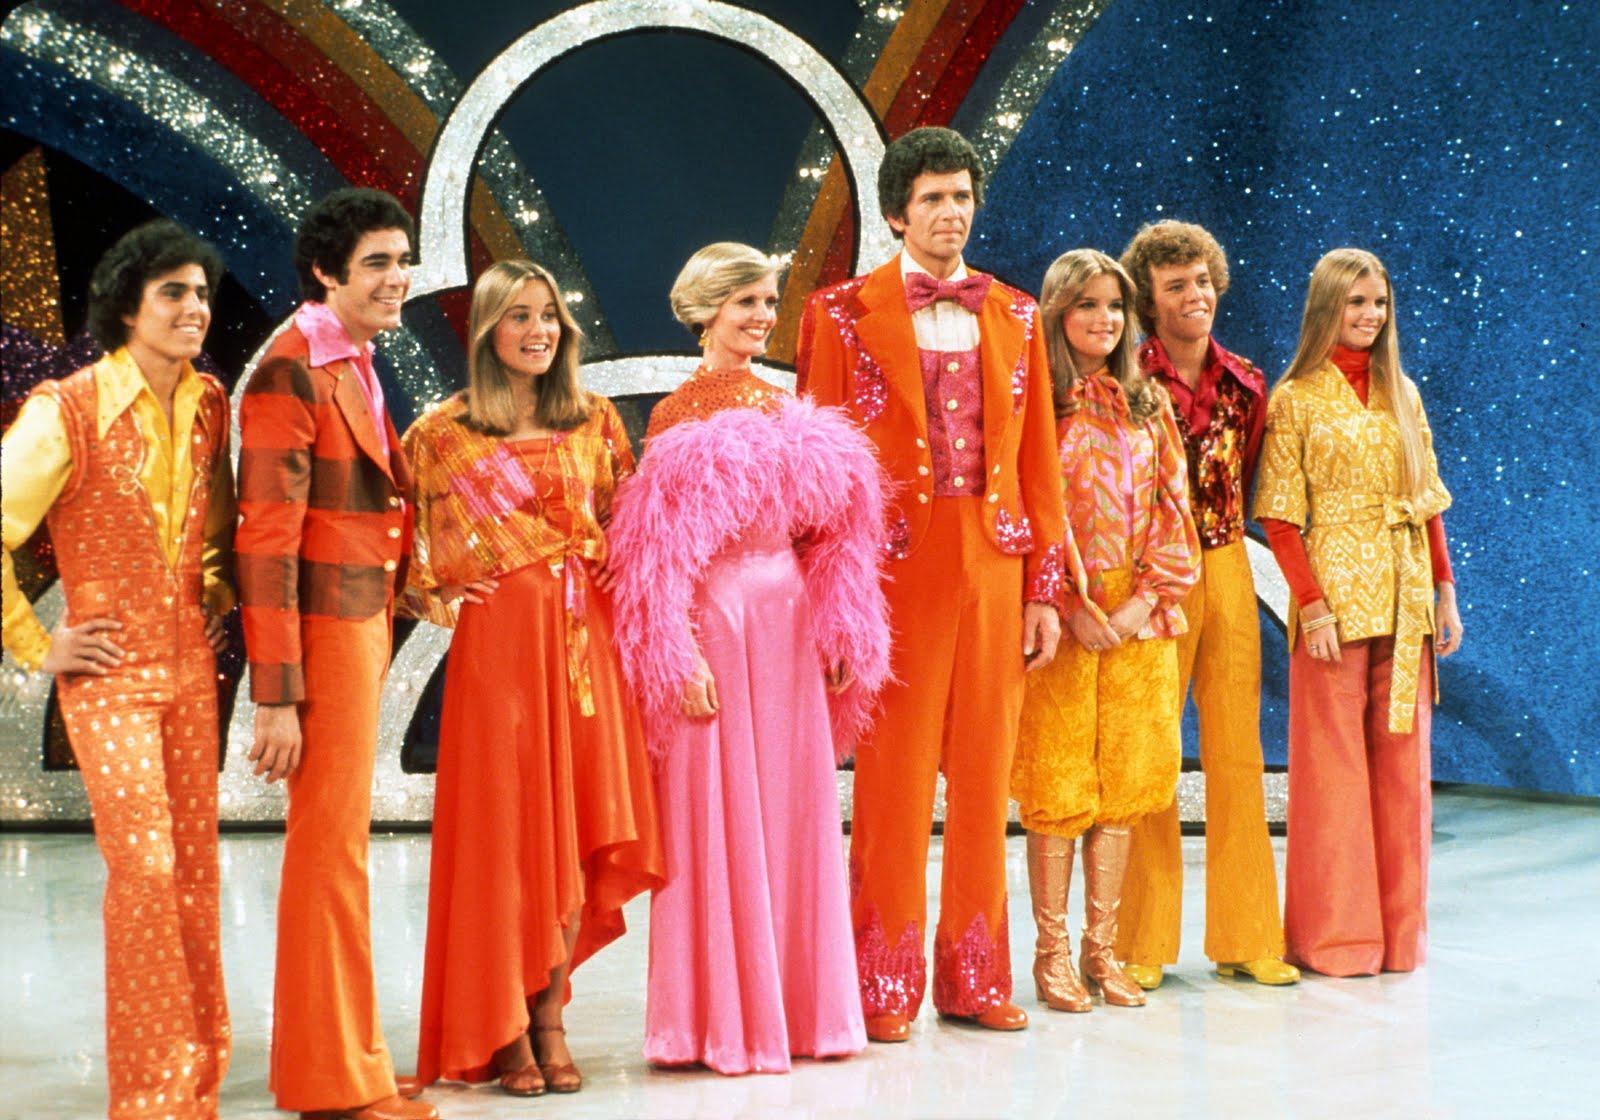 Fashion of 1970s - Disco Fashion Photos